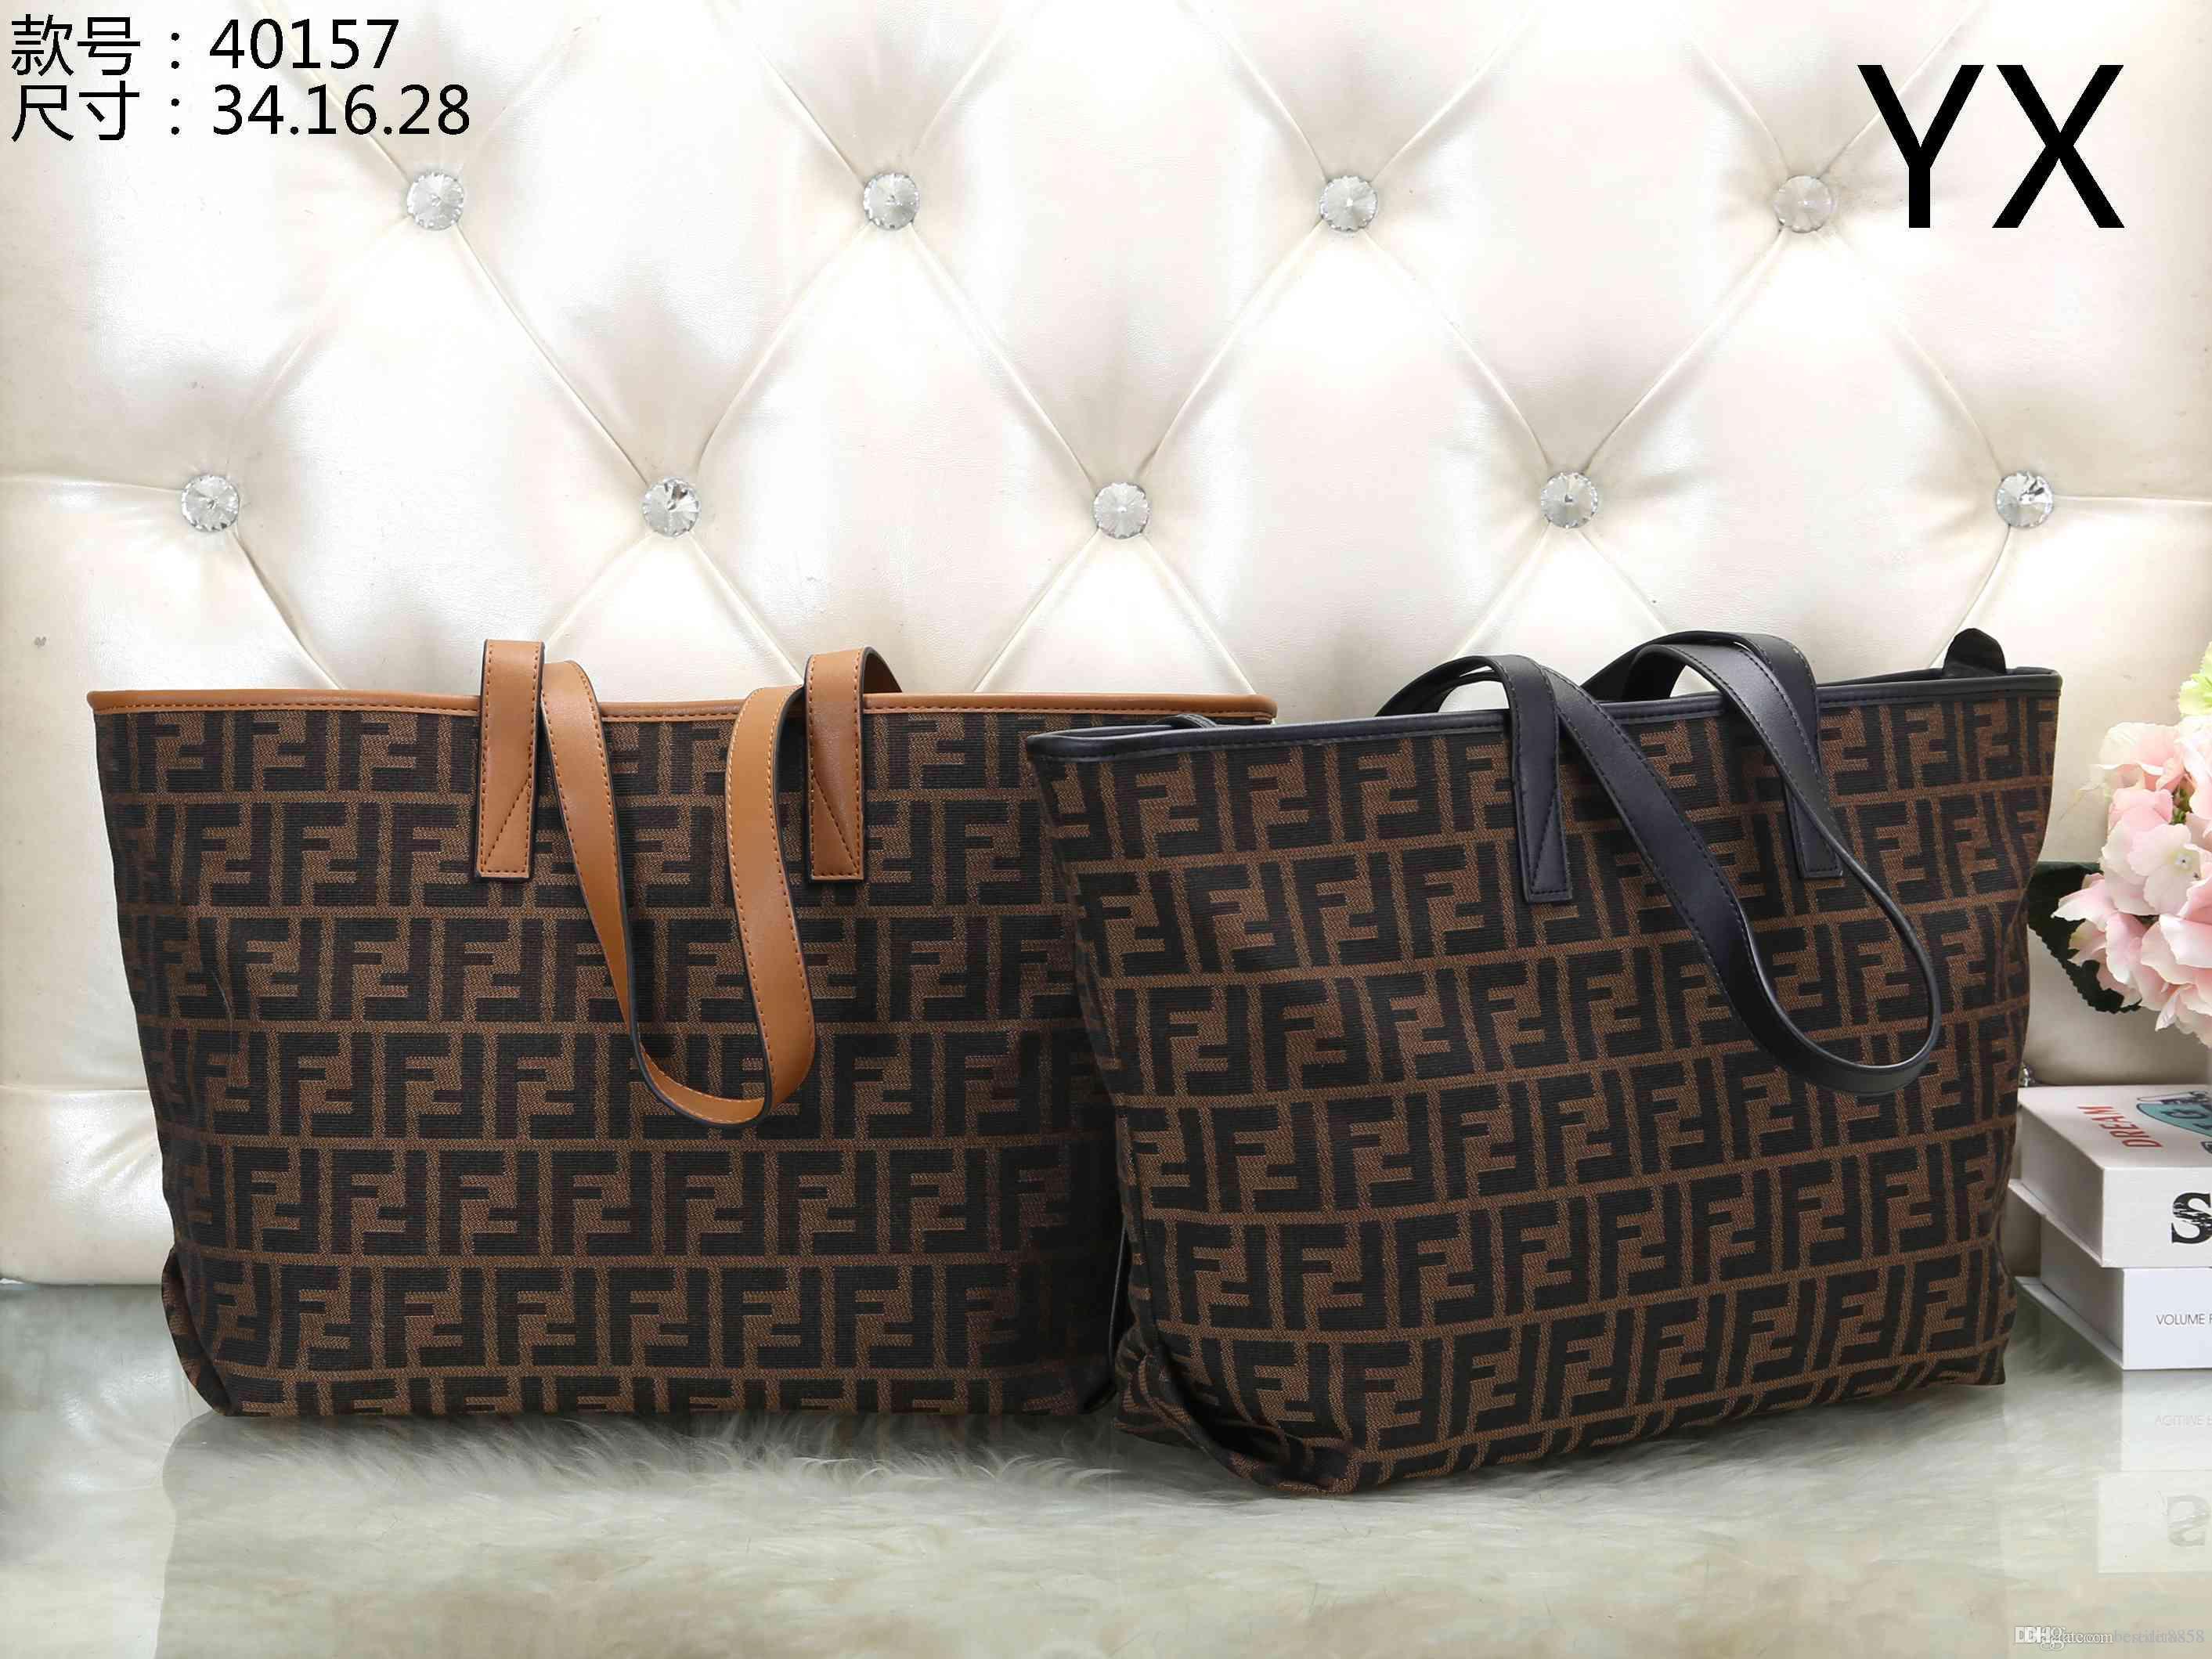 271db85bca2b MK 40157-3 Yx NEW Styles Fashion Bags Ladies Handbags Designer Bags ...